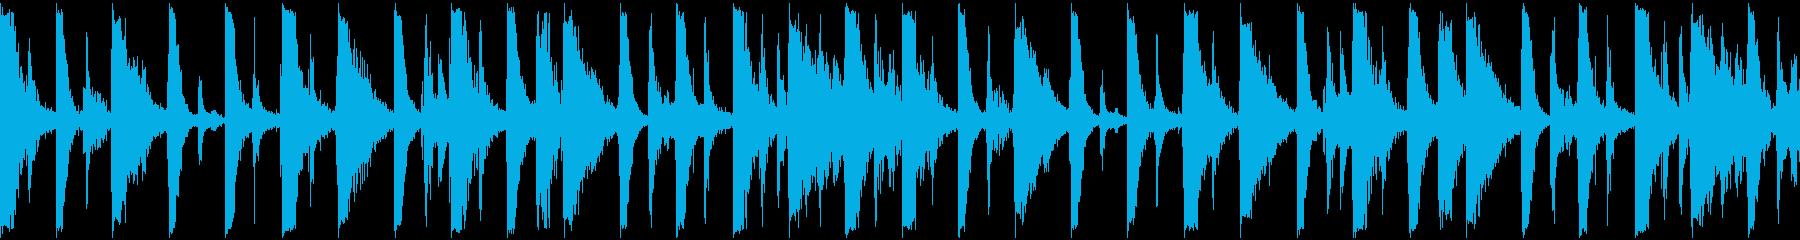 オープニングドラムの再生済みの波形